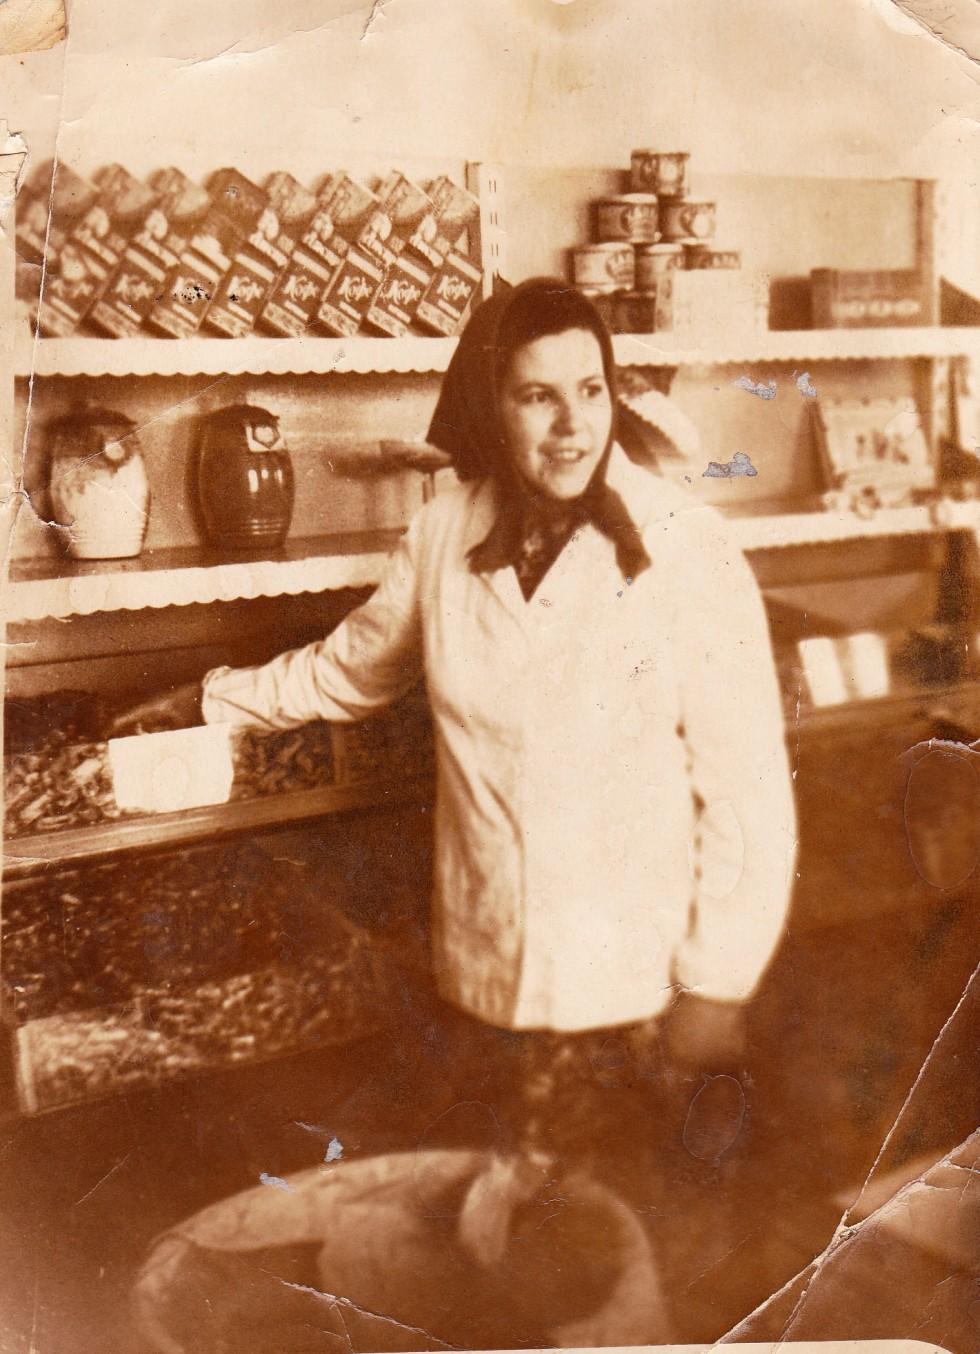 Євдокія Цекот - продавець у центральному магазині продуктів, 1960-ті роки